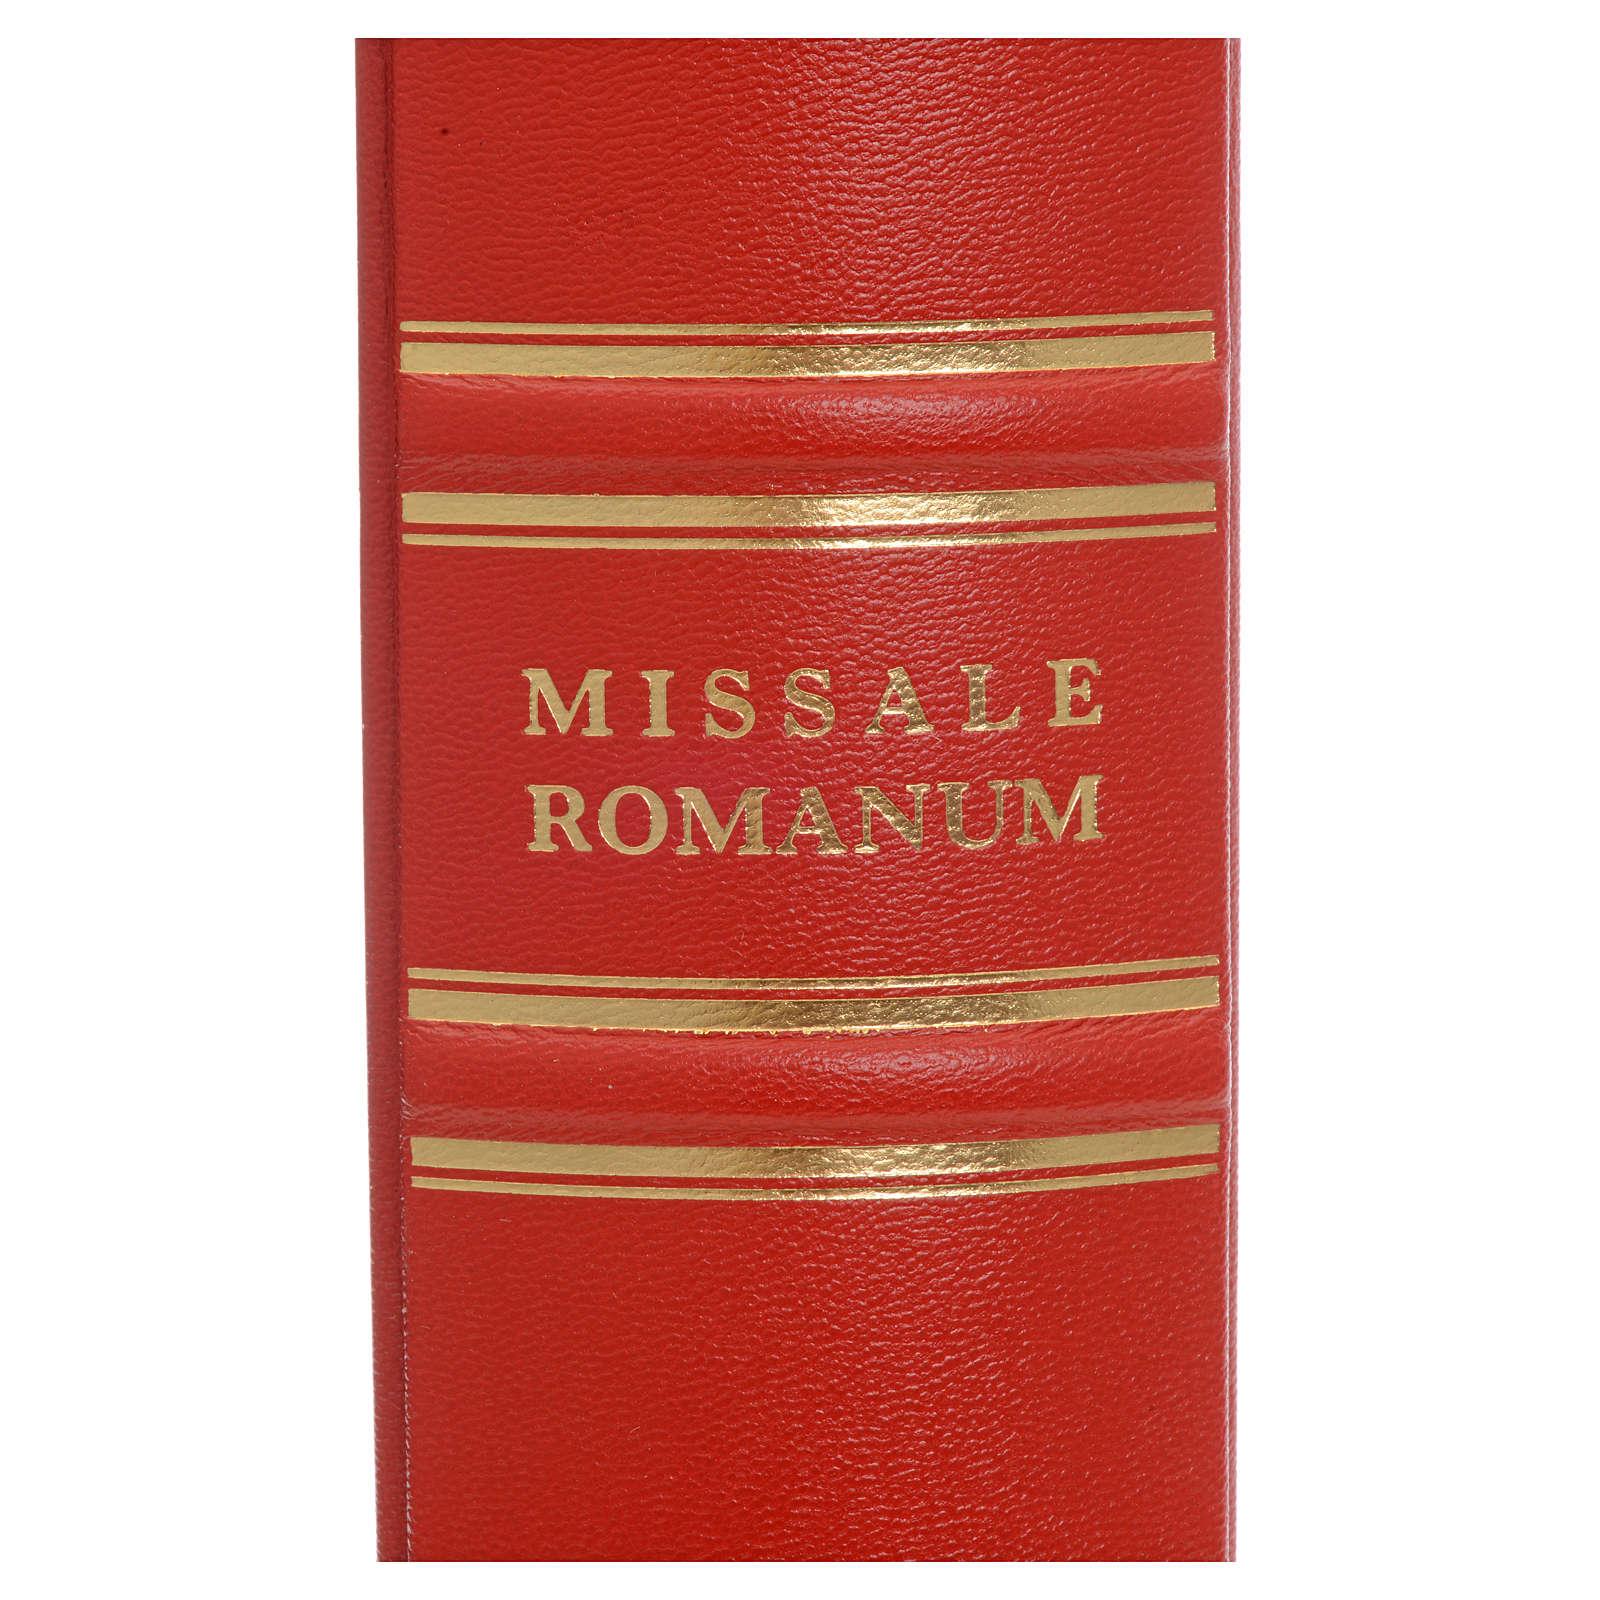 Missale romanum ex decreto SS.Concilii Tridentini R. S. P. C. R. 4